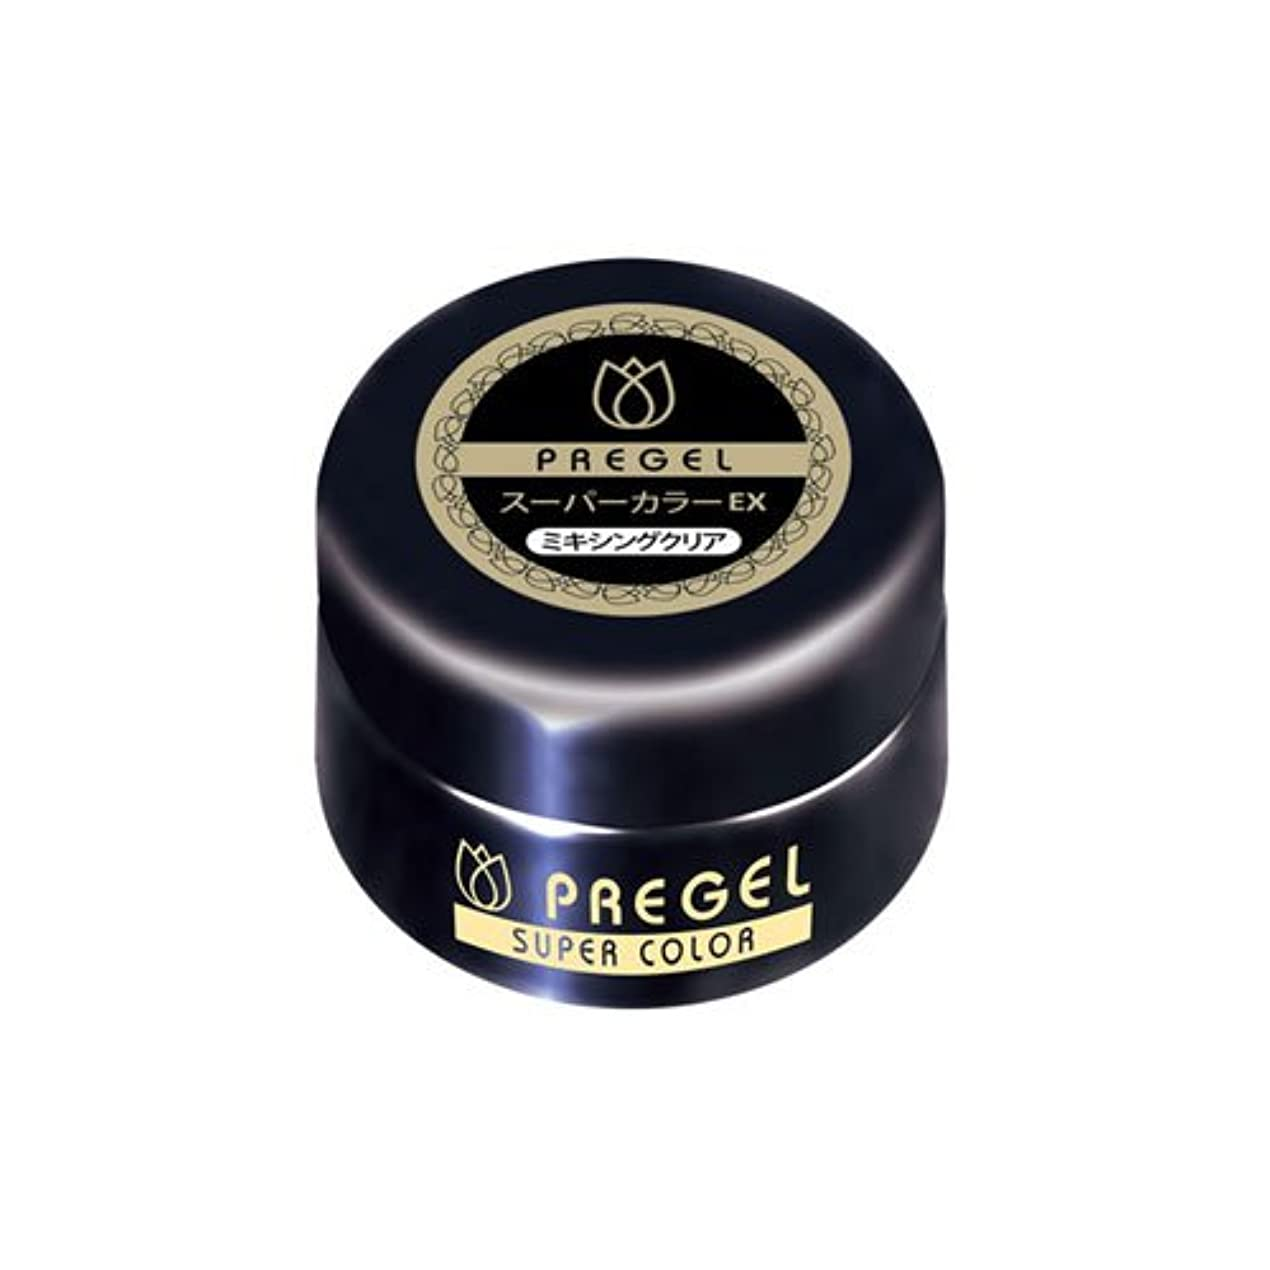 リットル篭お風呂を持っているプリジェル スーパーカラーEX ミキシングクリア 4g  カラージェルの薄め用ジェル UV/LED対応